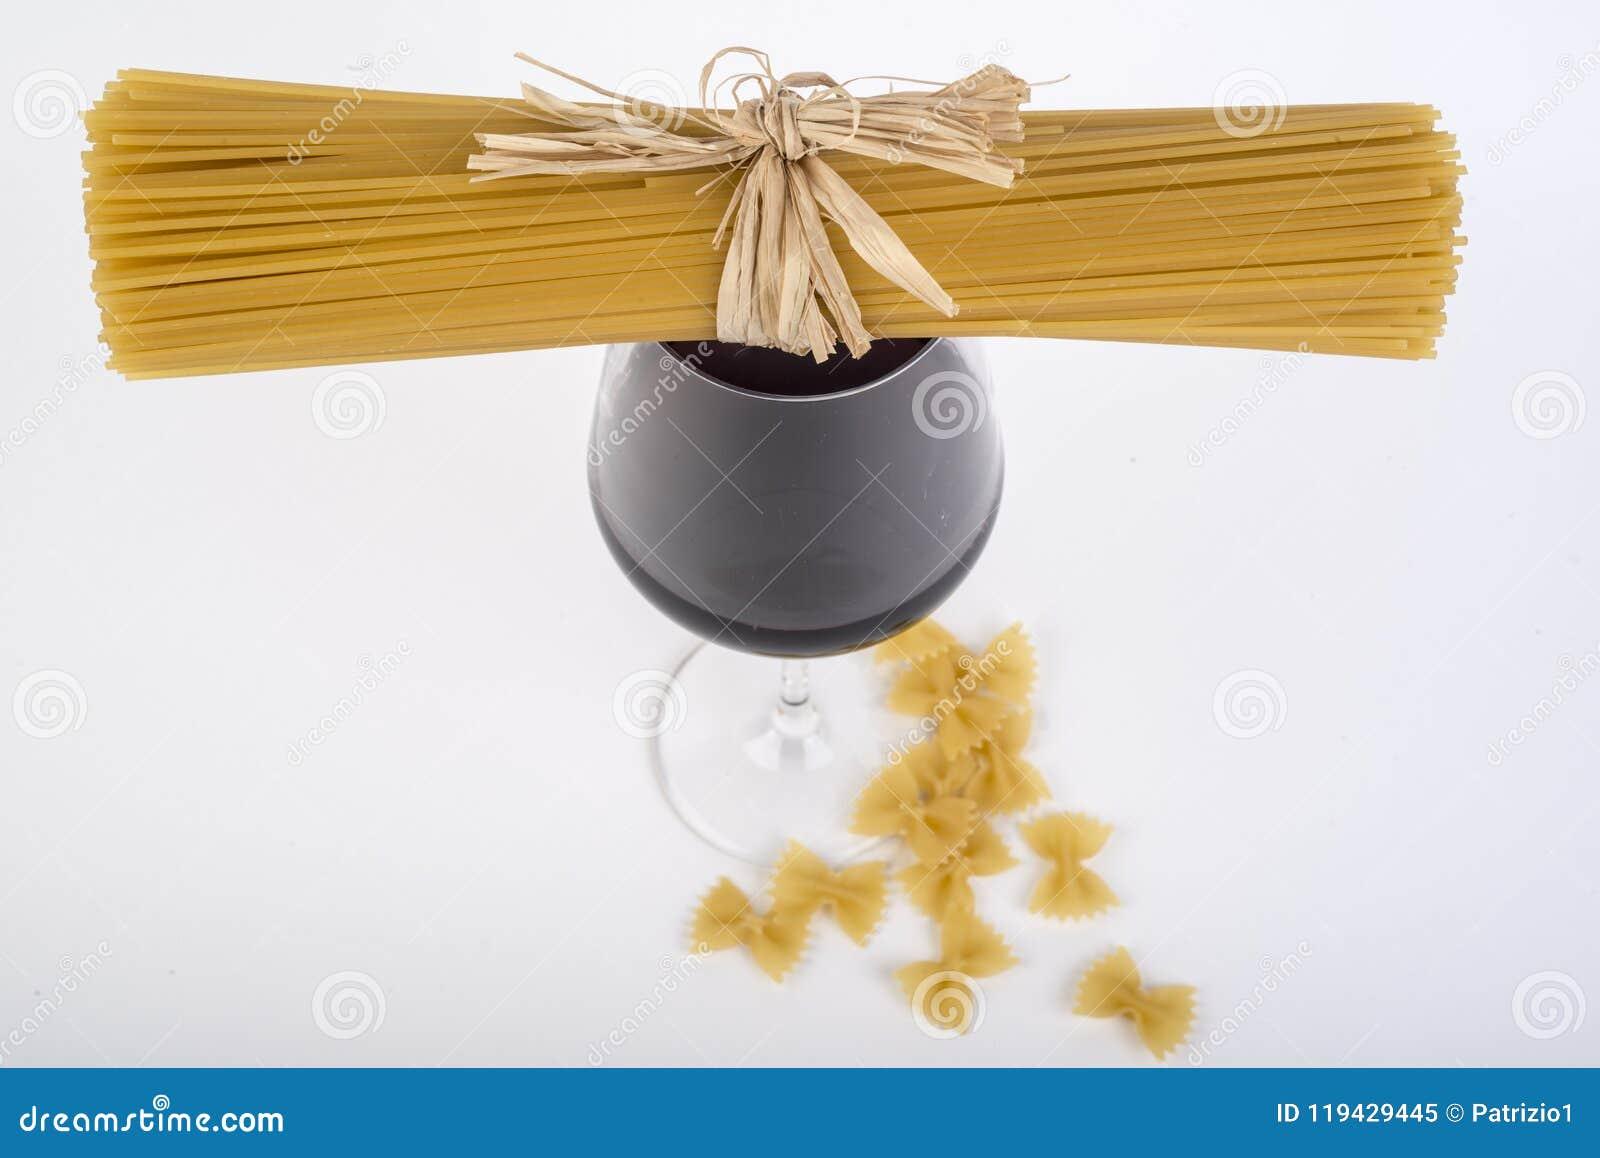 Φρέσκα ιταλικά ζυμαρικά, μακαρόνια